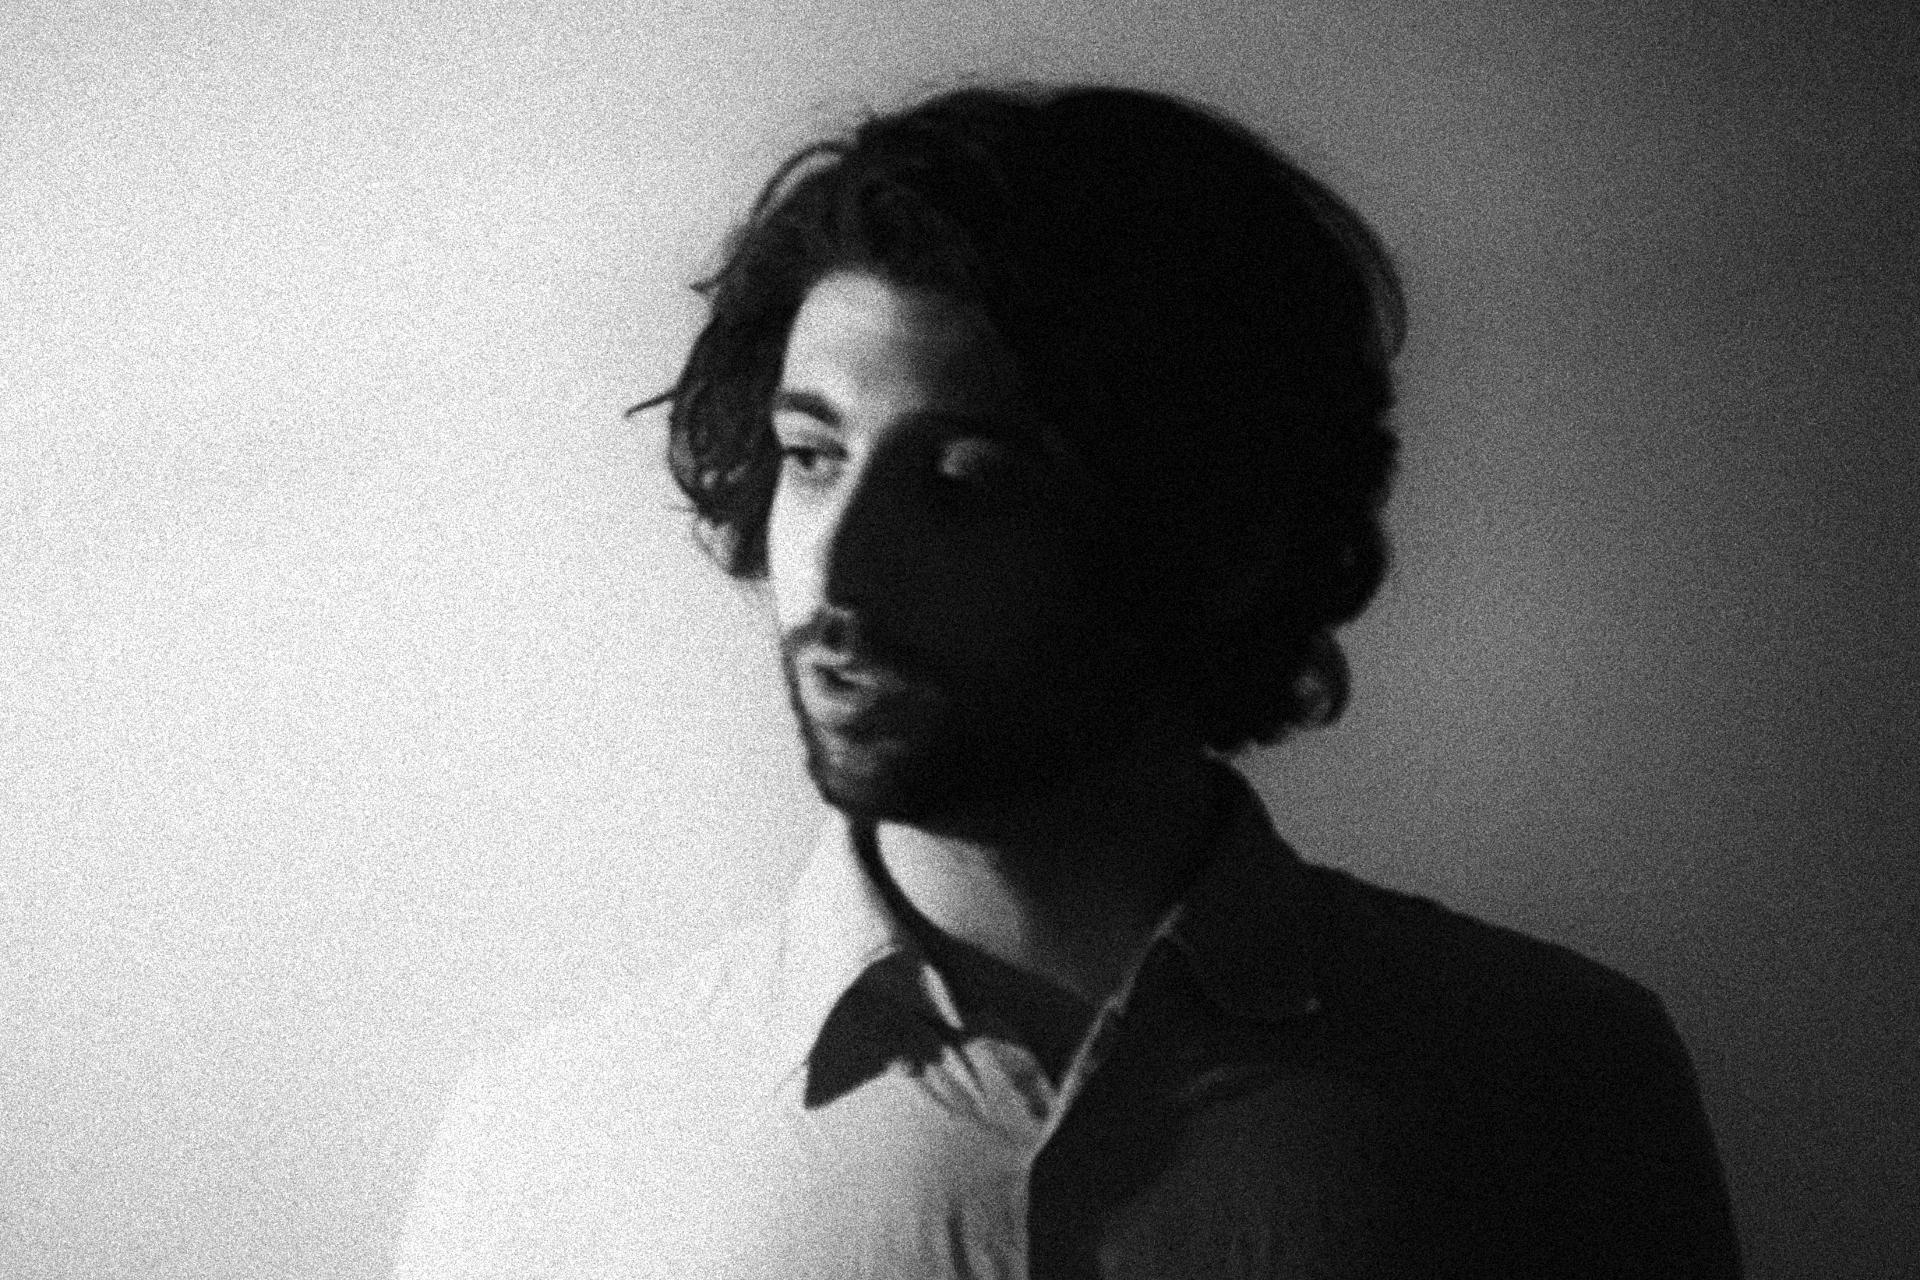 Adam Basanta by Pablo Riquelme, black-and-white photo of artist